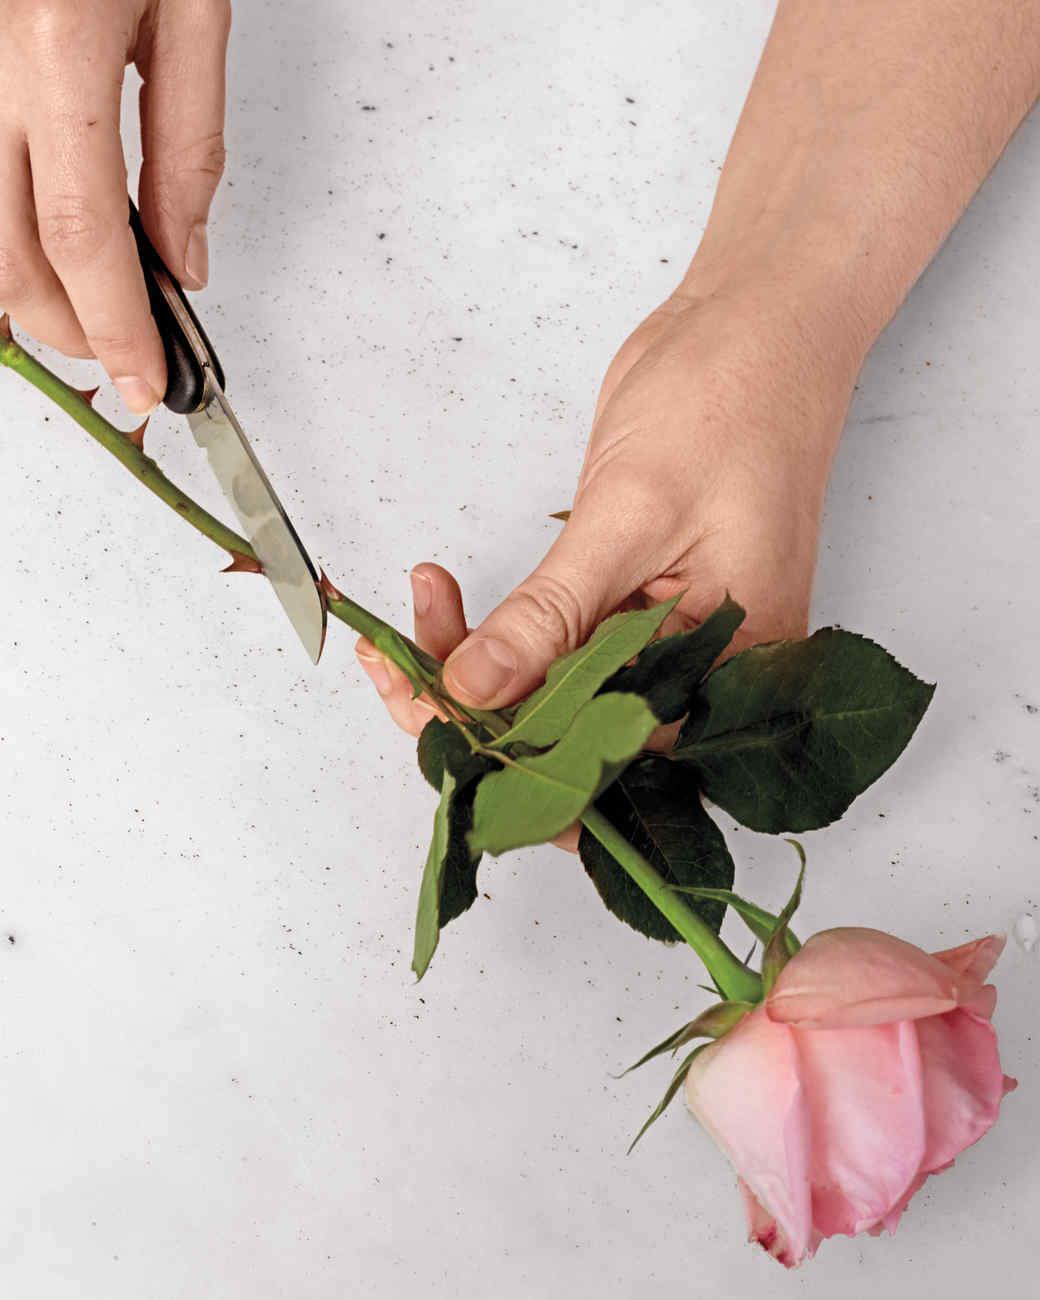 how-to-flower-arrangement-v9-54-d111001.jpg